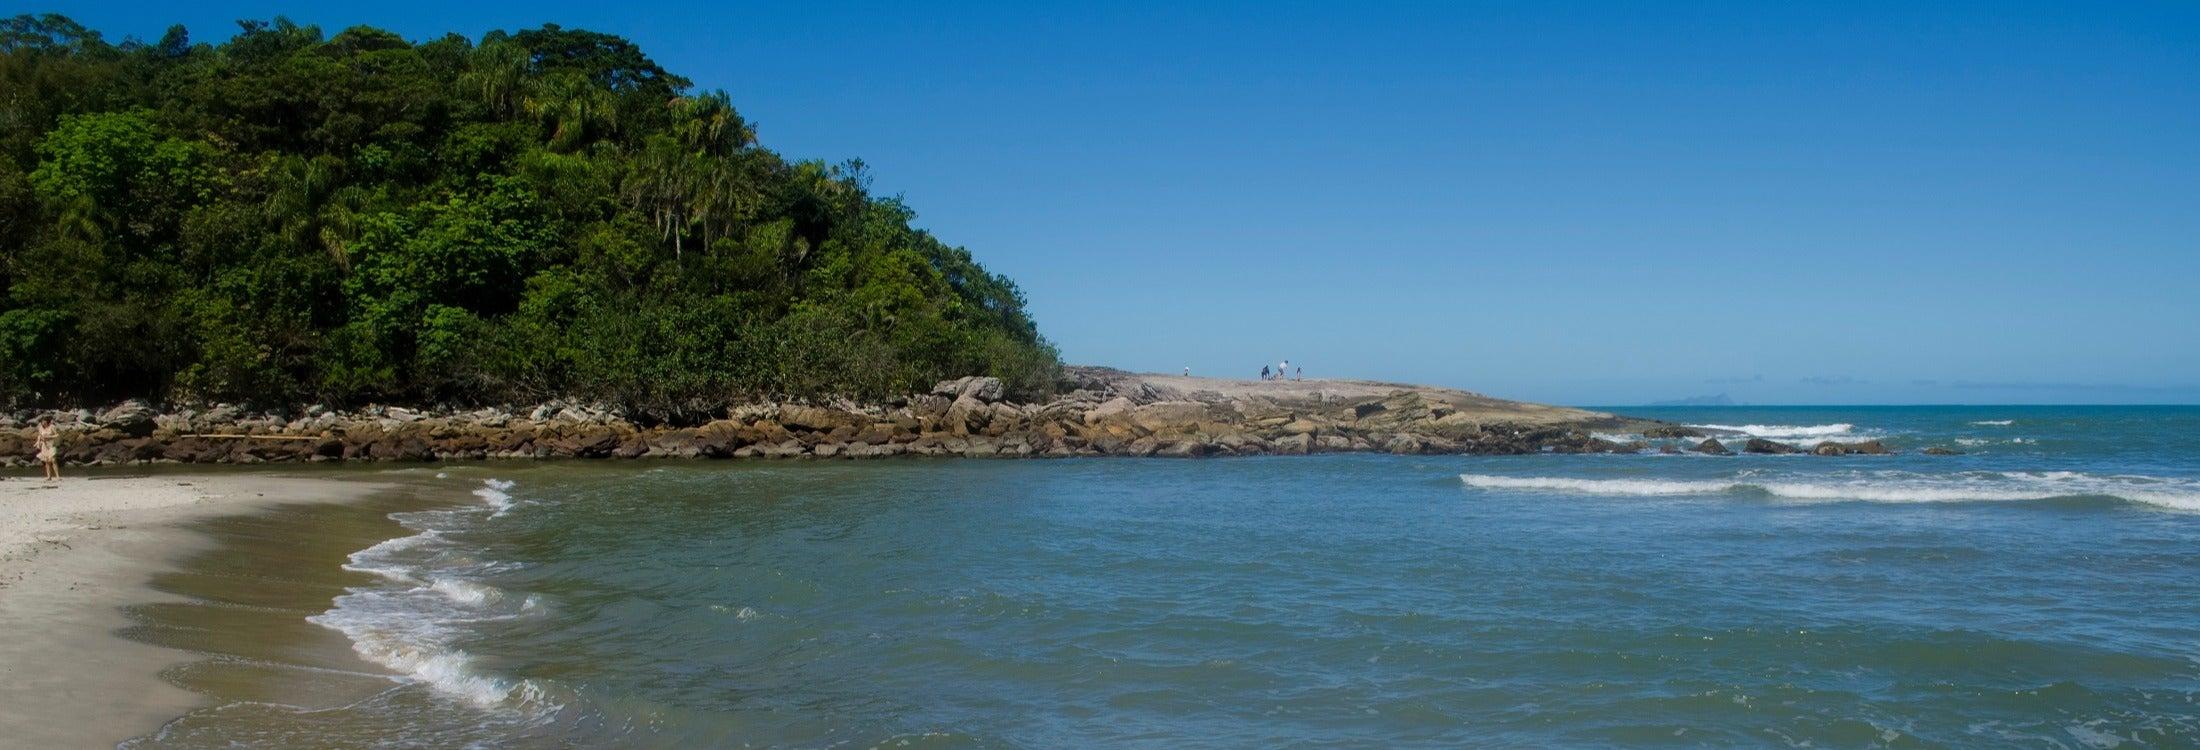 Excursão privada às praias de Maresias e Boiçucanga